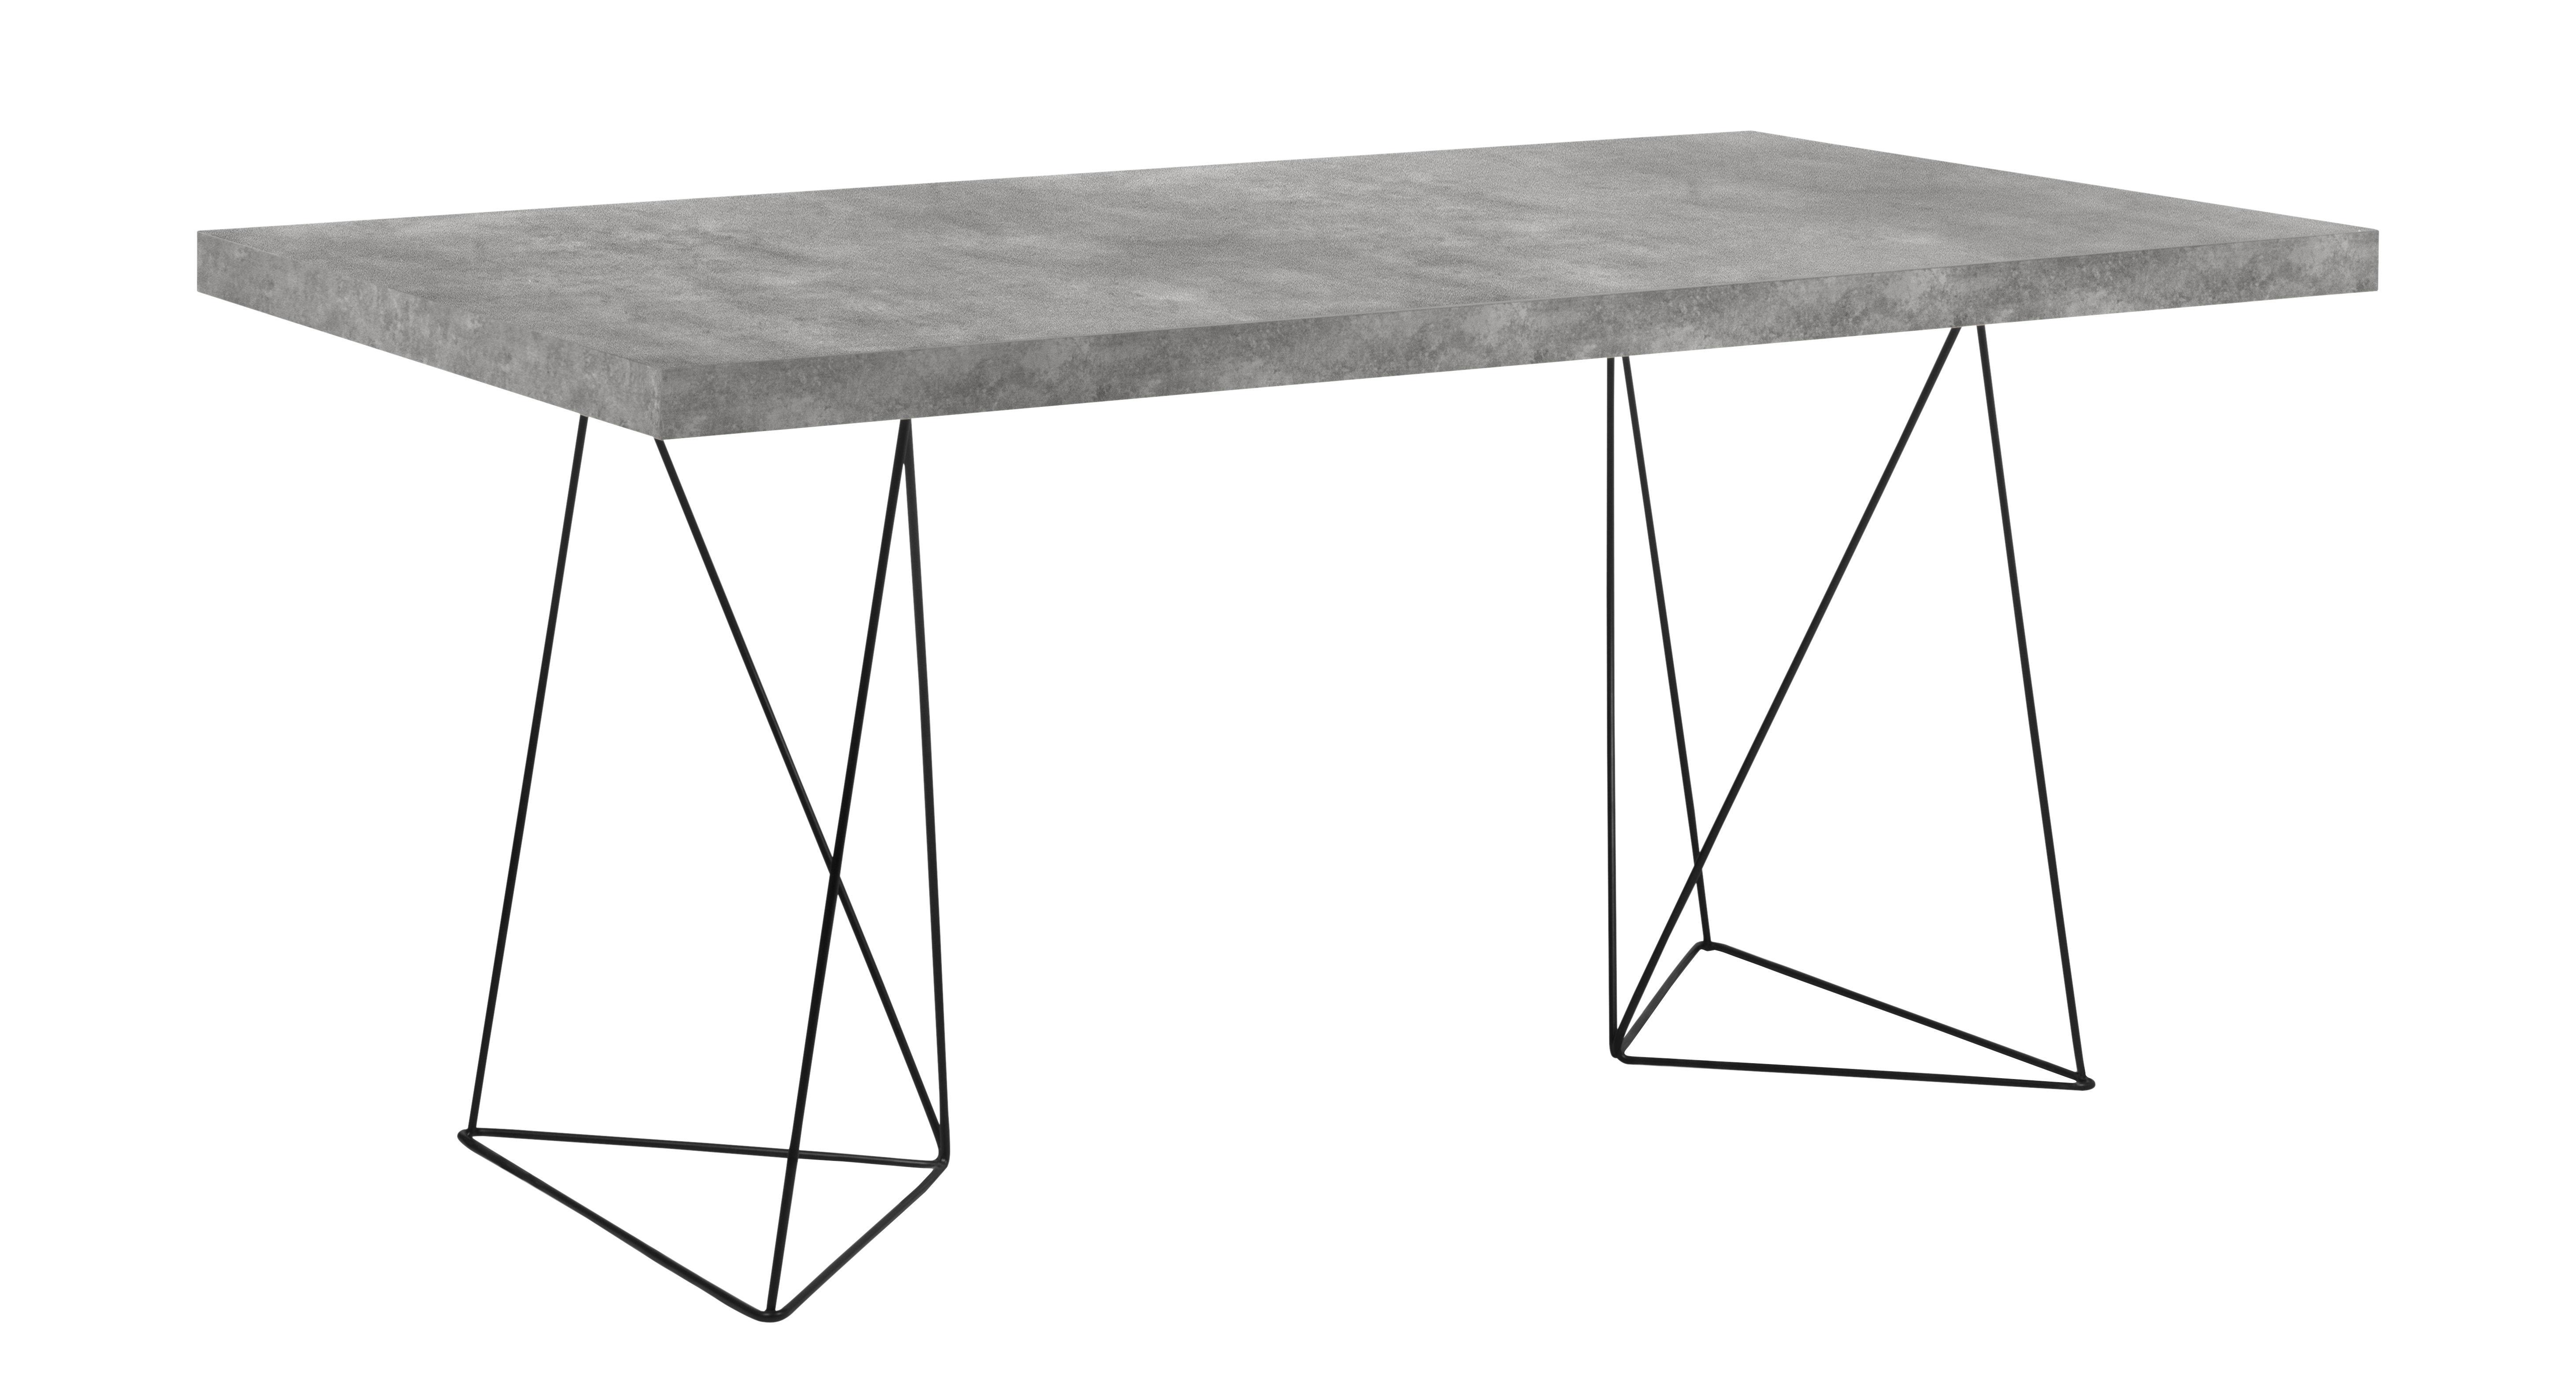 Möbel - Tische - Trestle Table rectangulaire / L 160 cm - Beton-Optik - POP UP HOME - Beton-Optik / Tischgestell schwarz - lackiertes Metall, Panneau d'aggloméré